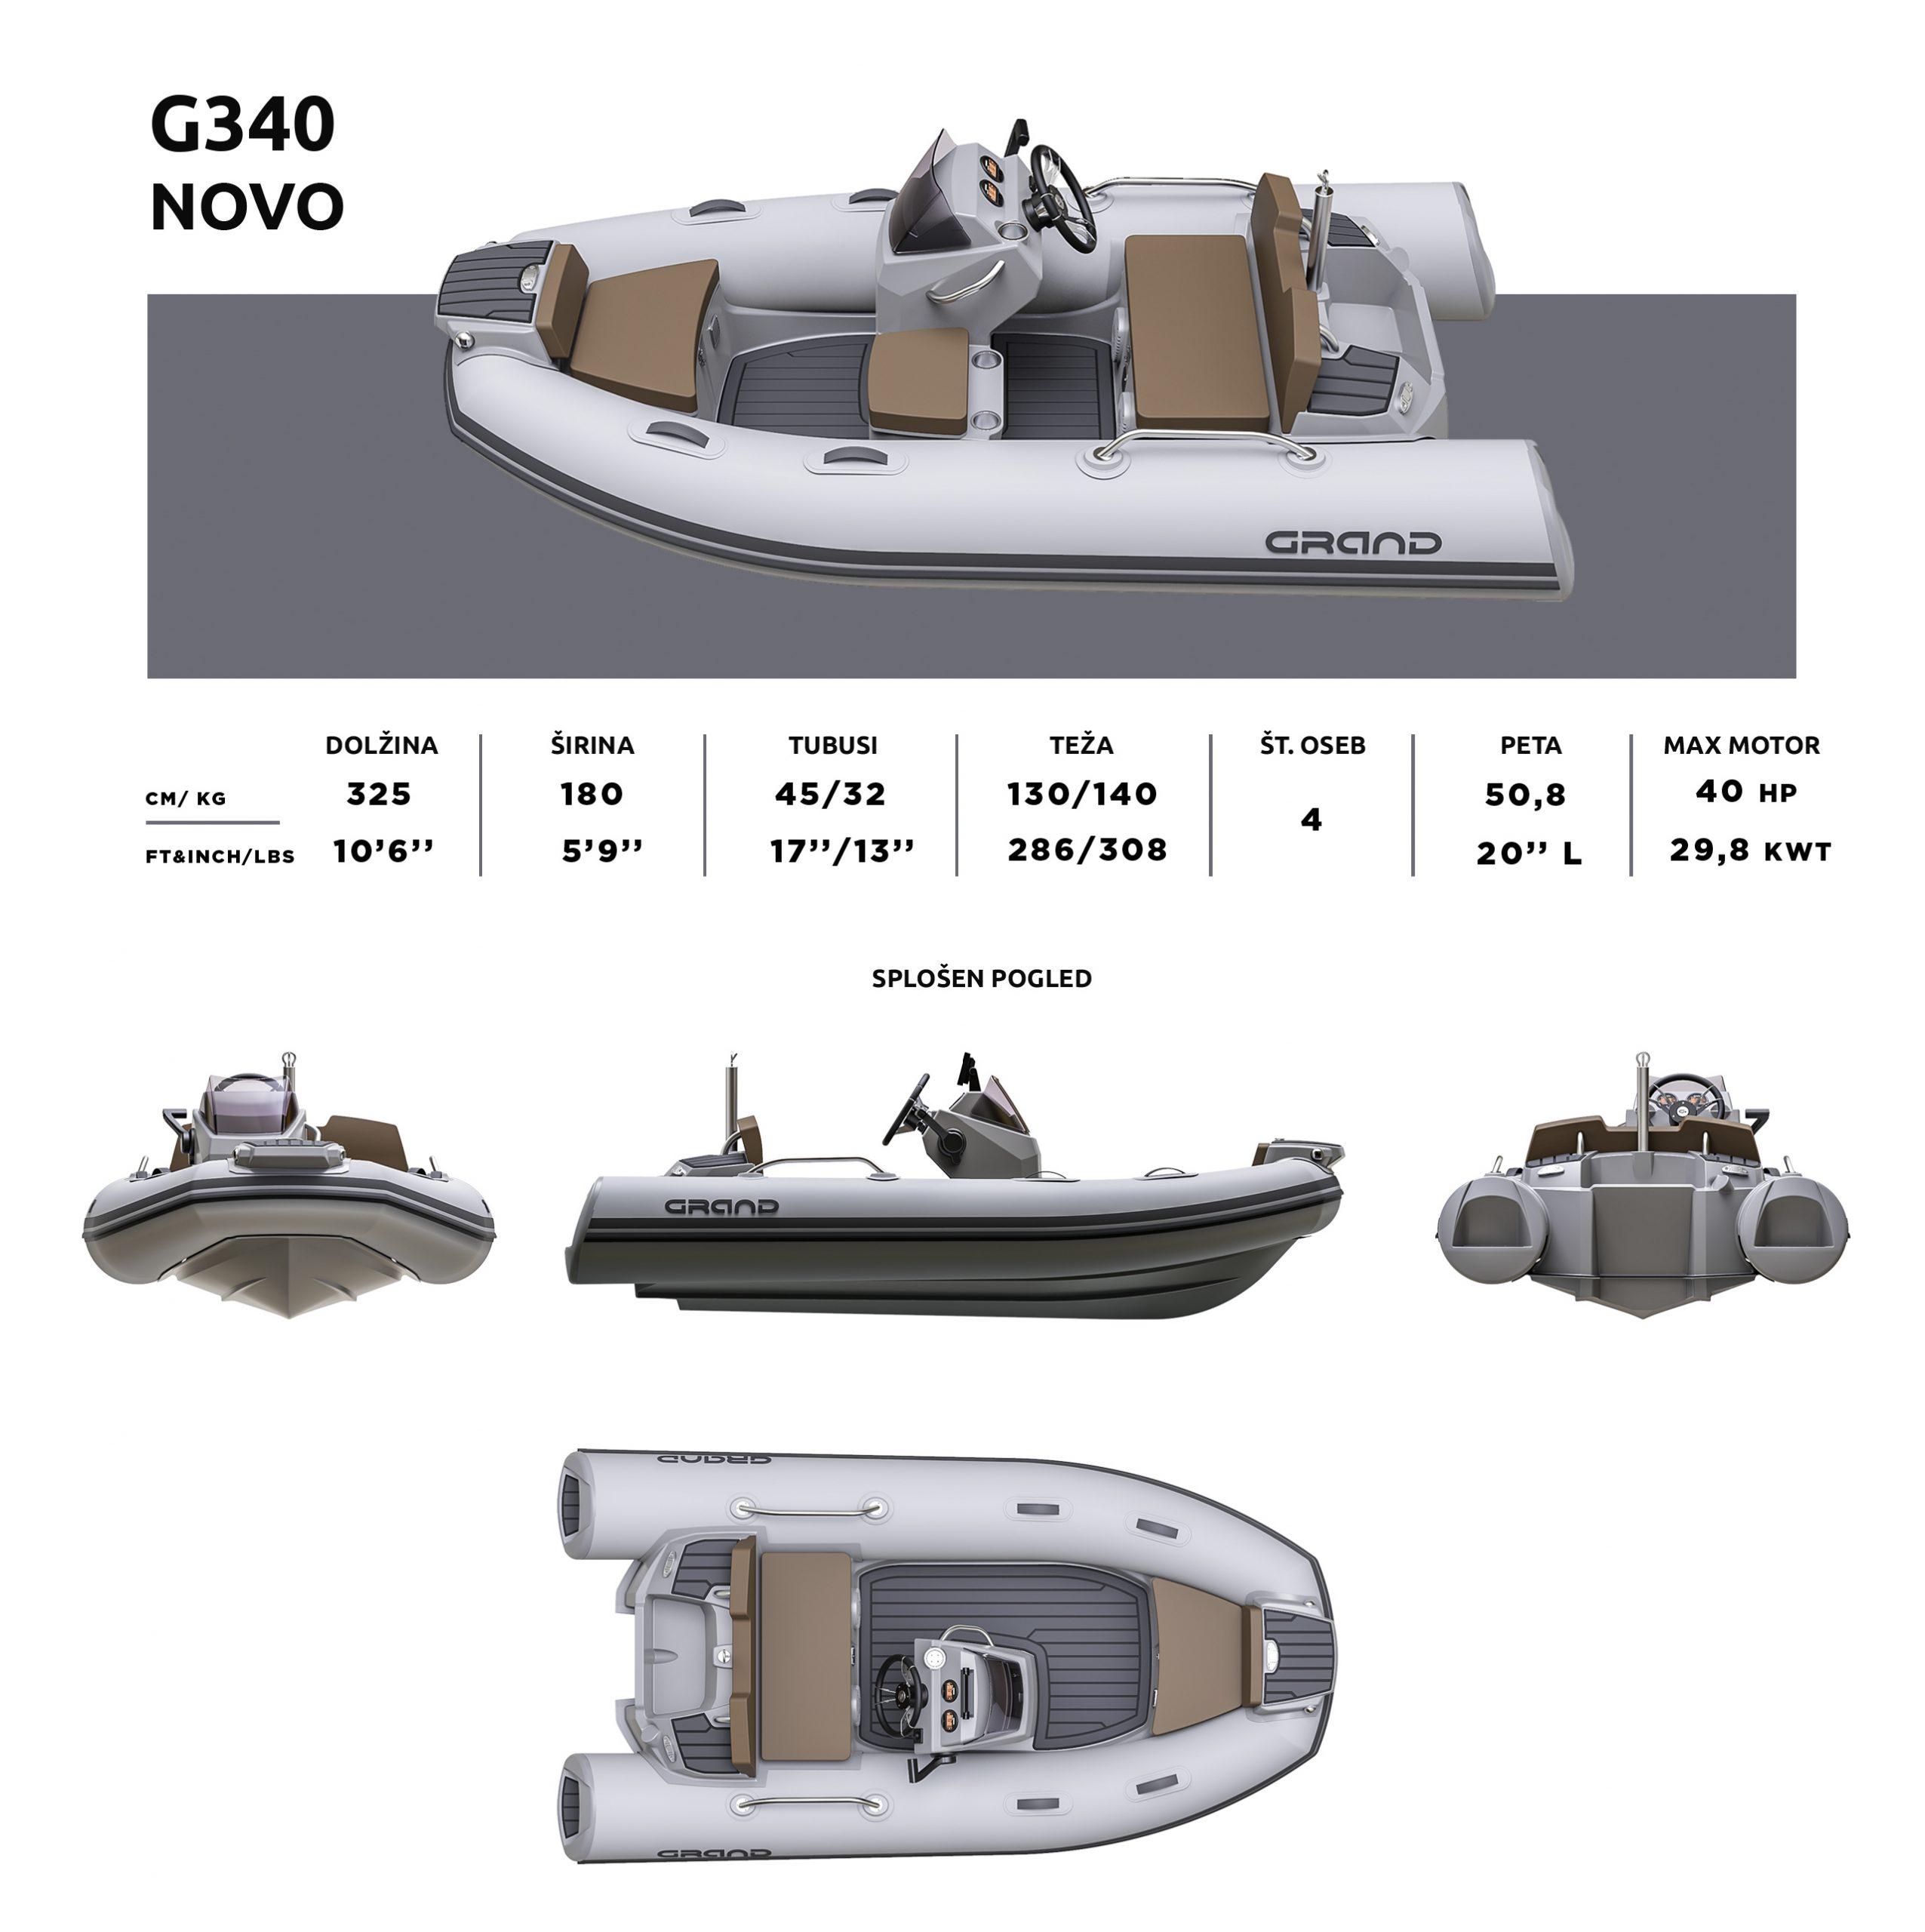 GRAND G340 specifikacija